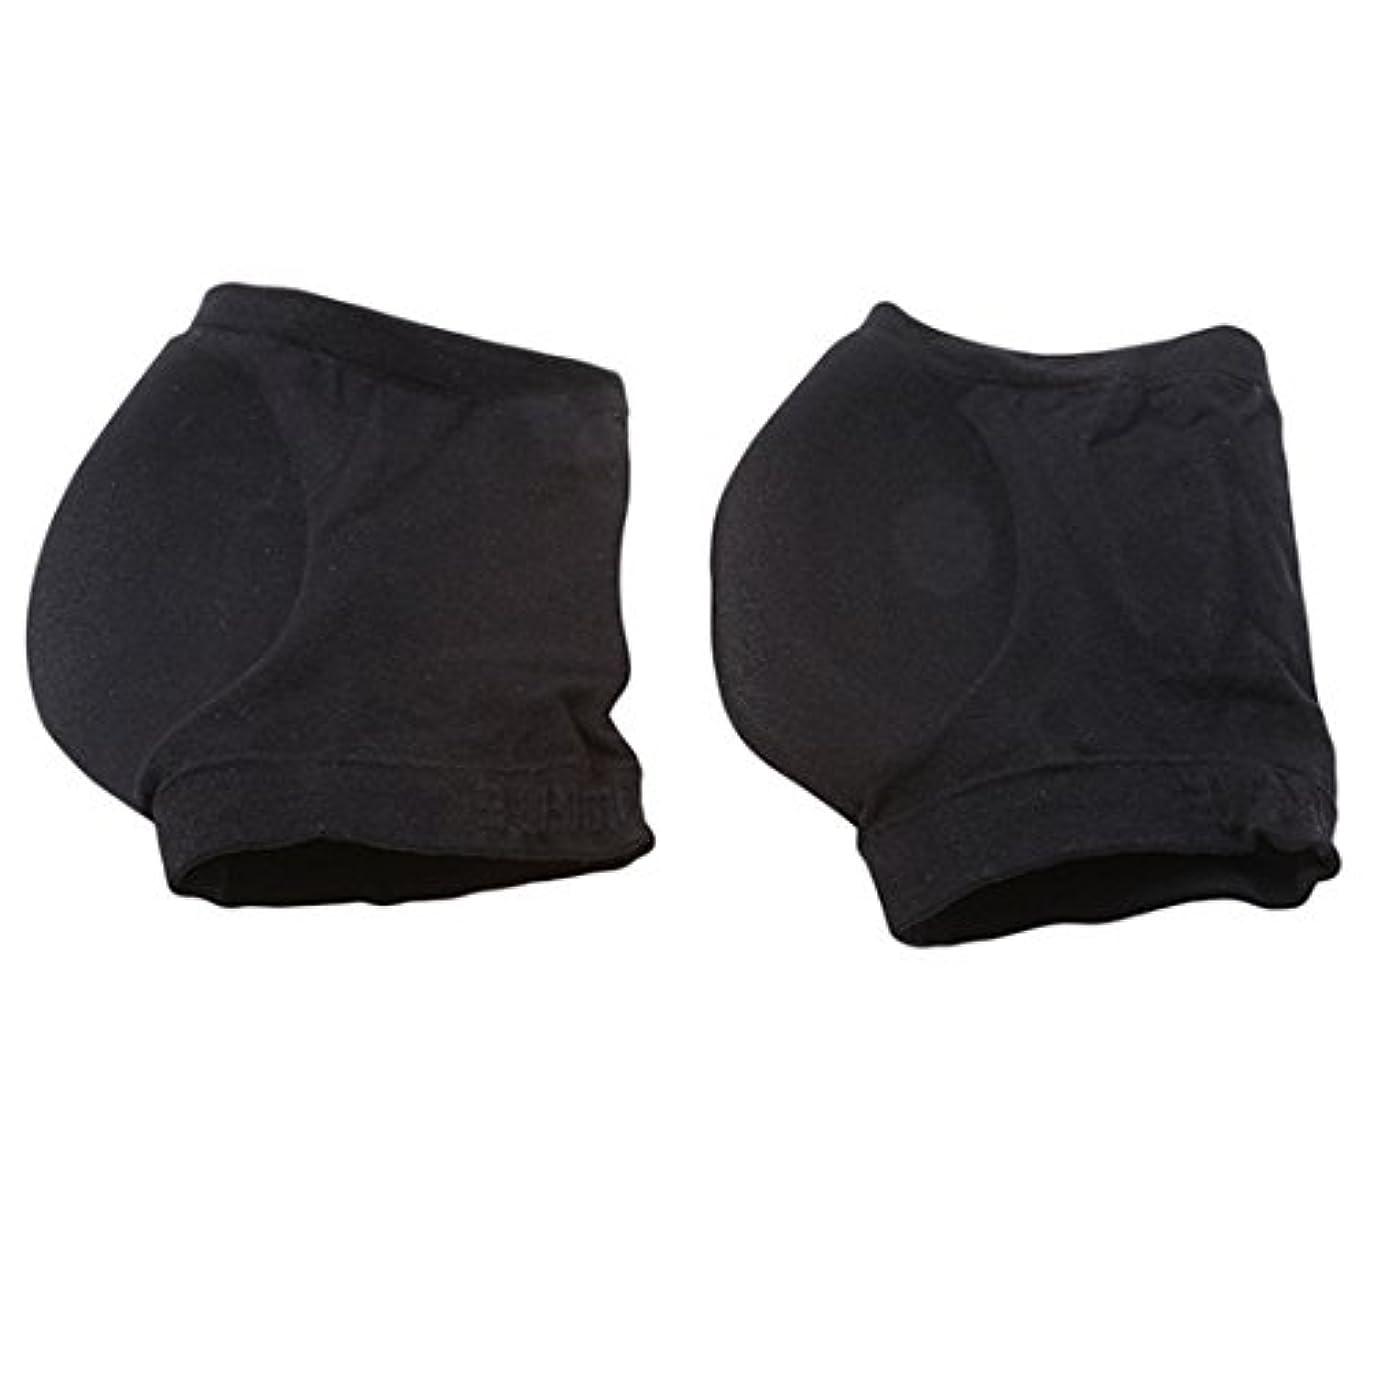 エクステント火薬労働KLUMA 靴下 かかと ソックス 角質ケア うるおい 保湿 角質除去 足ケア レディース メンズ